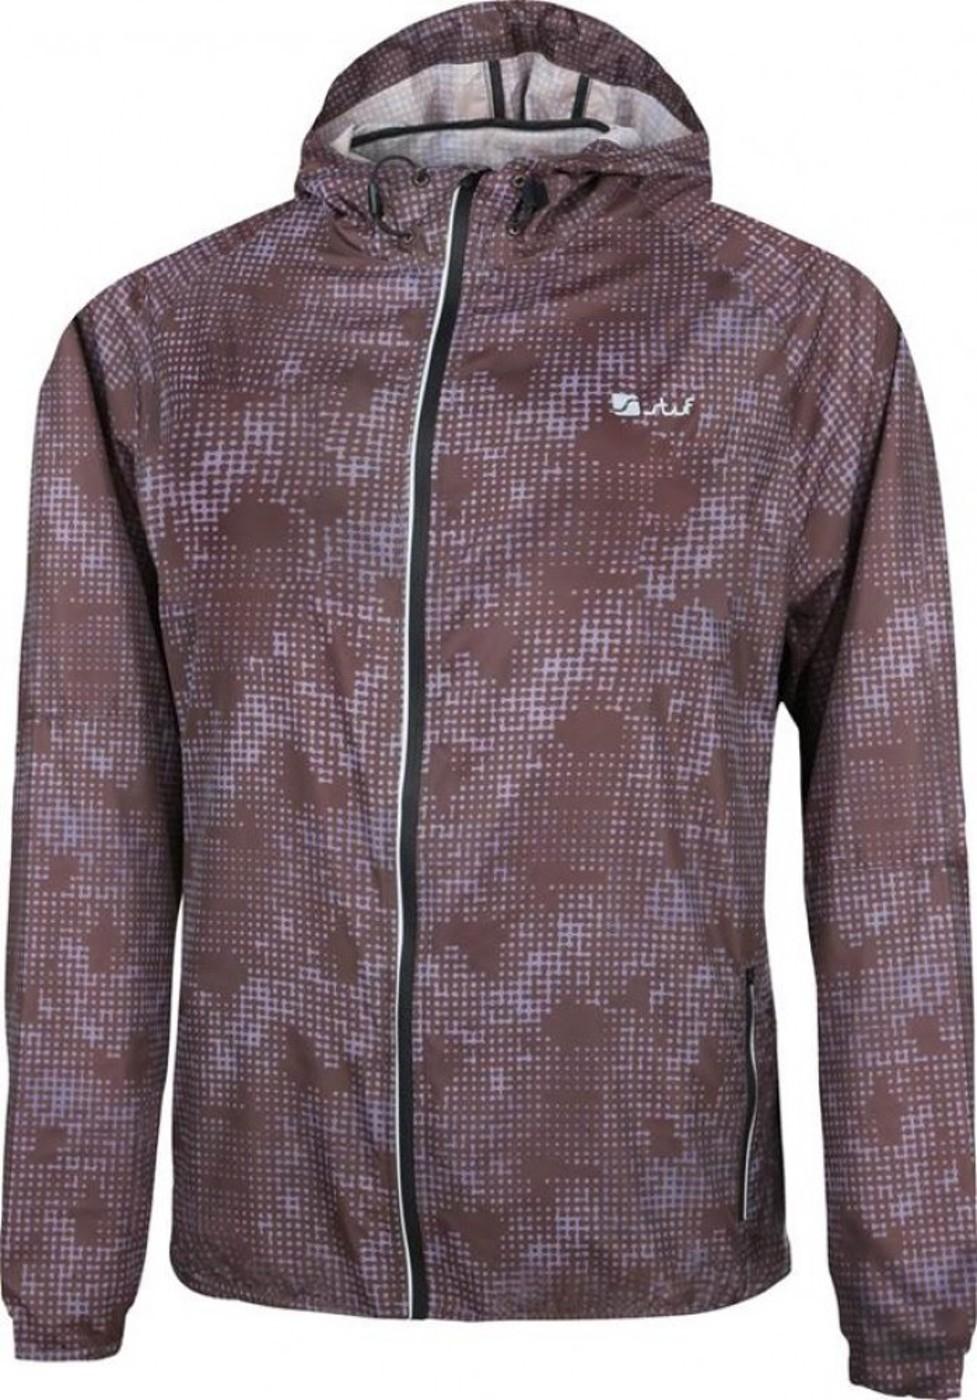 STUF WILL jacket printed - Herren